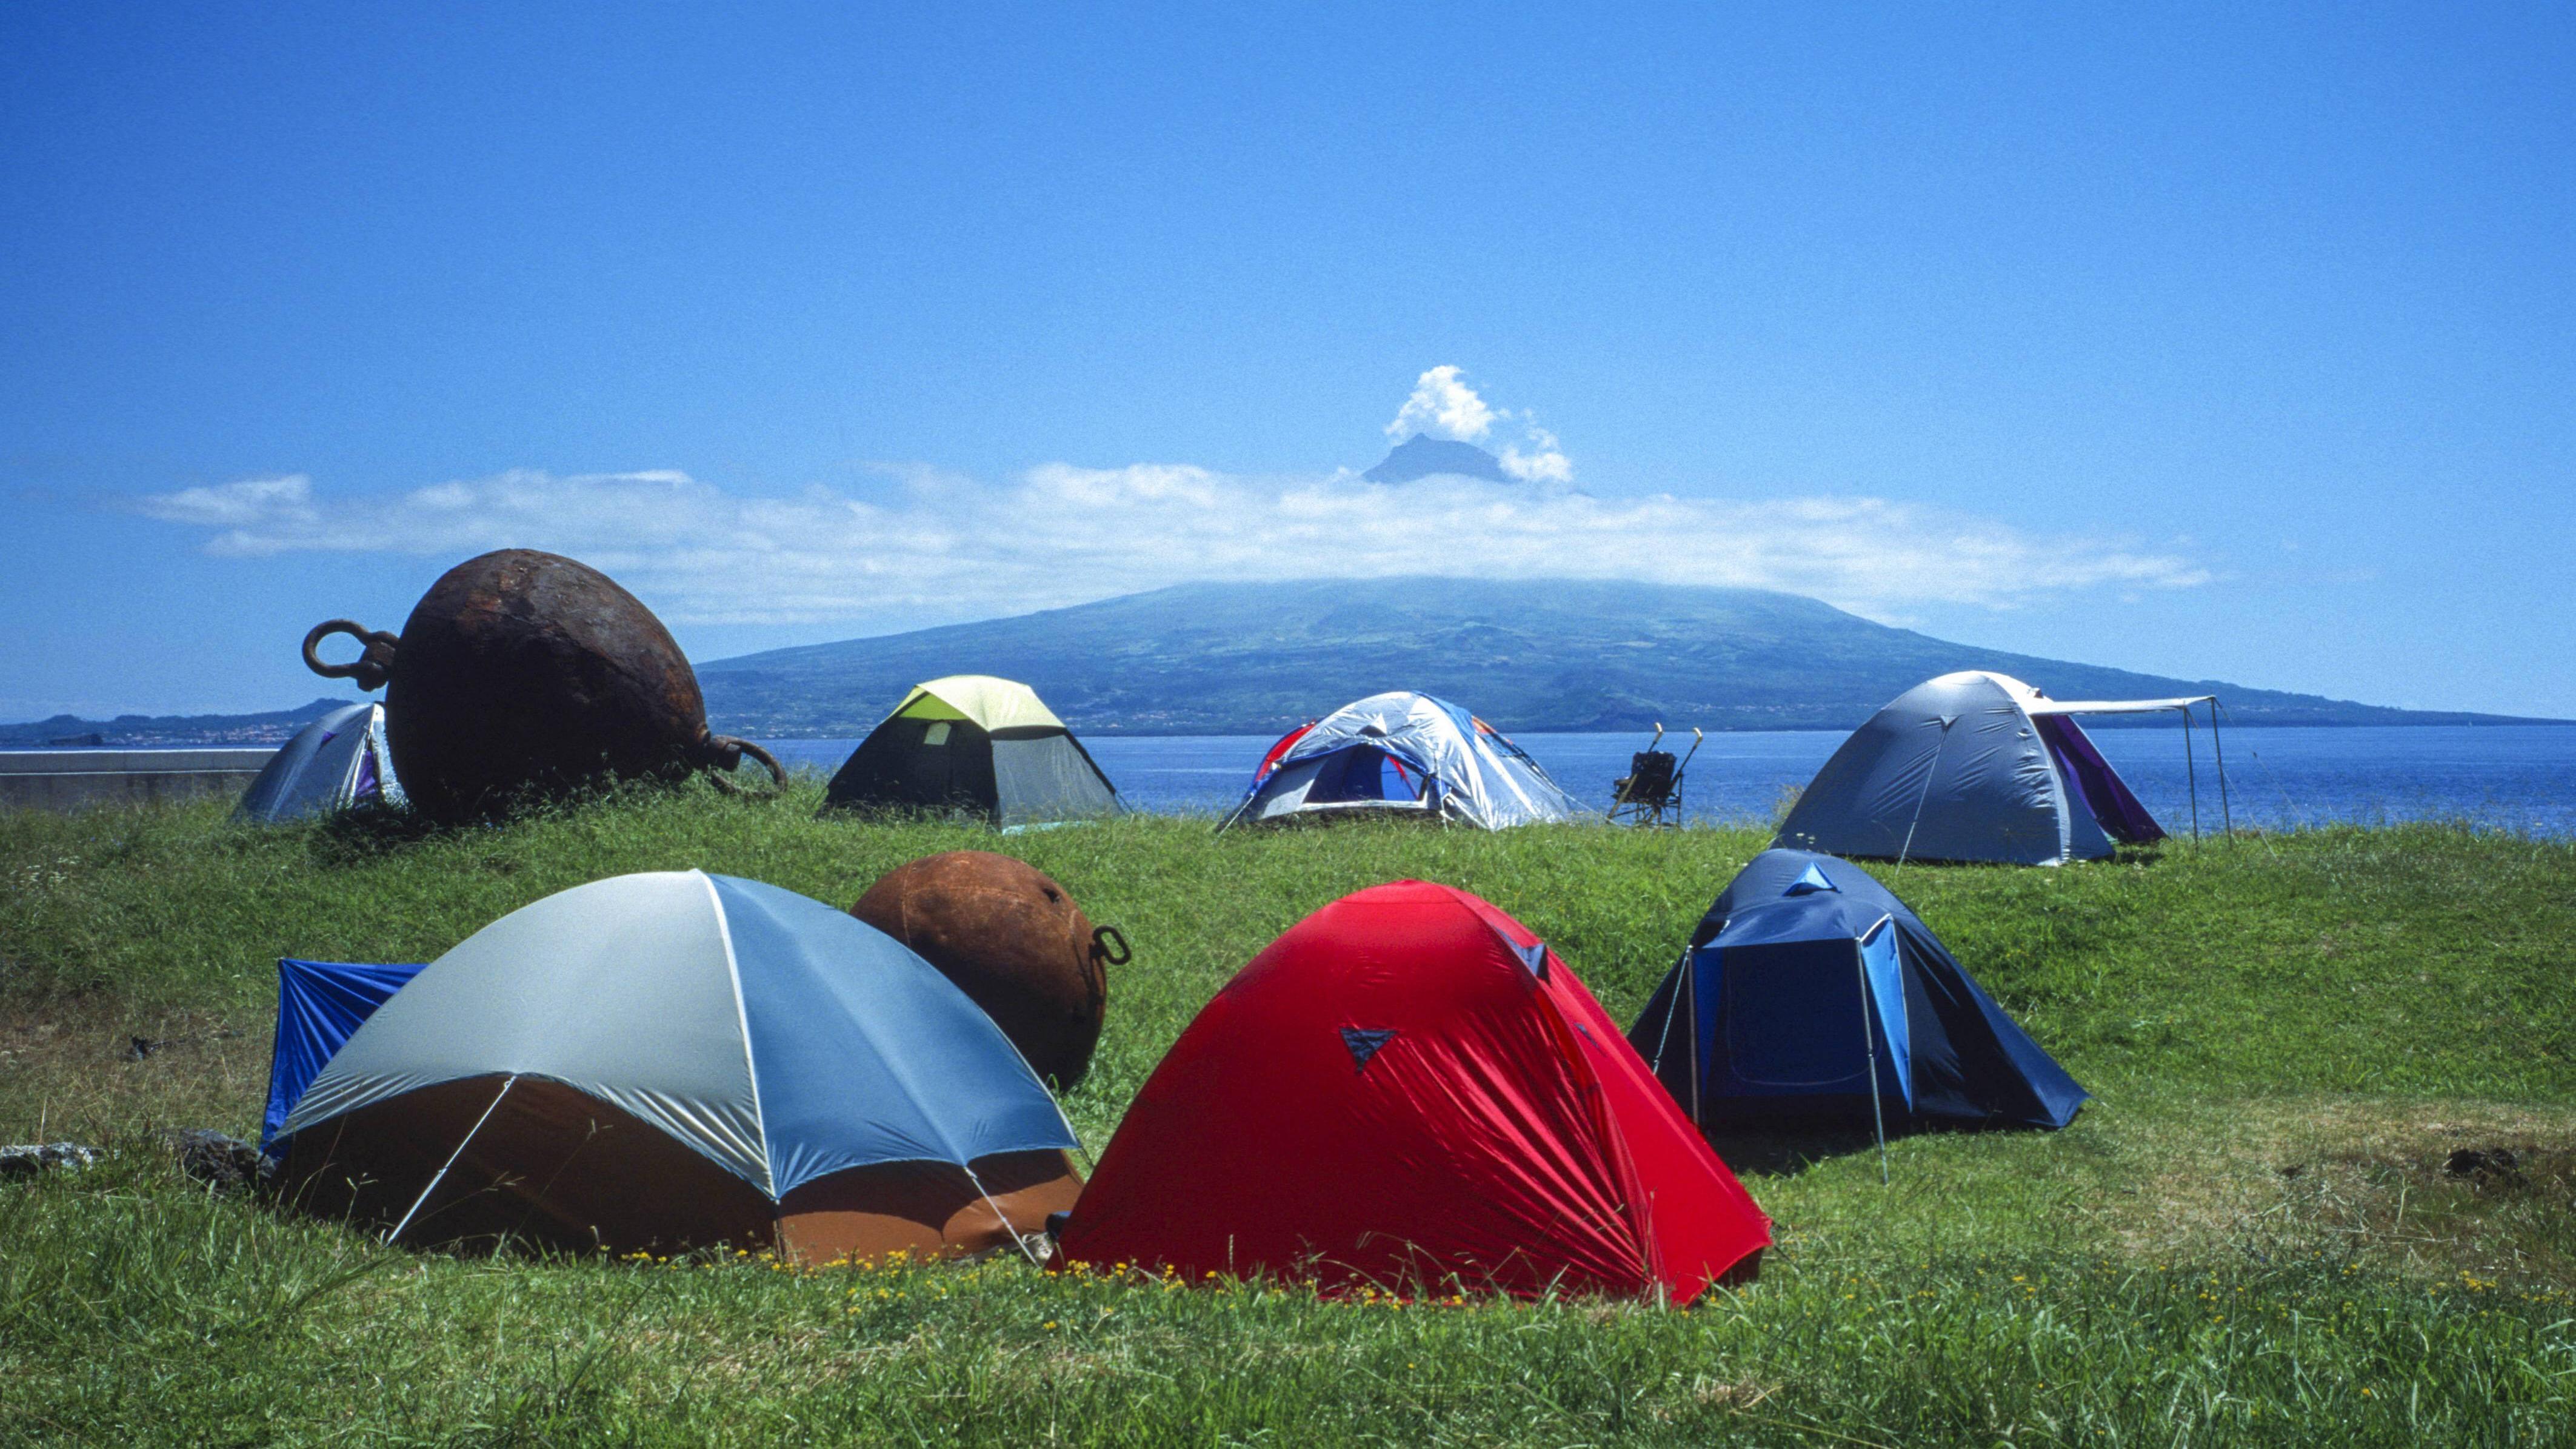 Zelten bei Regen: Wie Sie trocken bleiben und Spaß haben